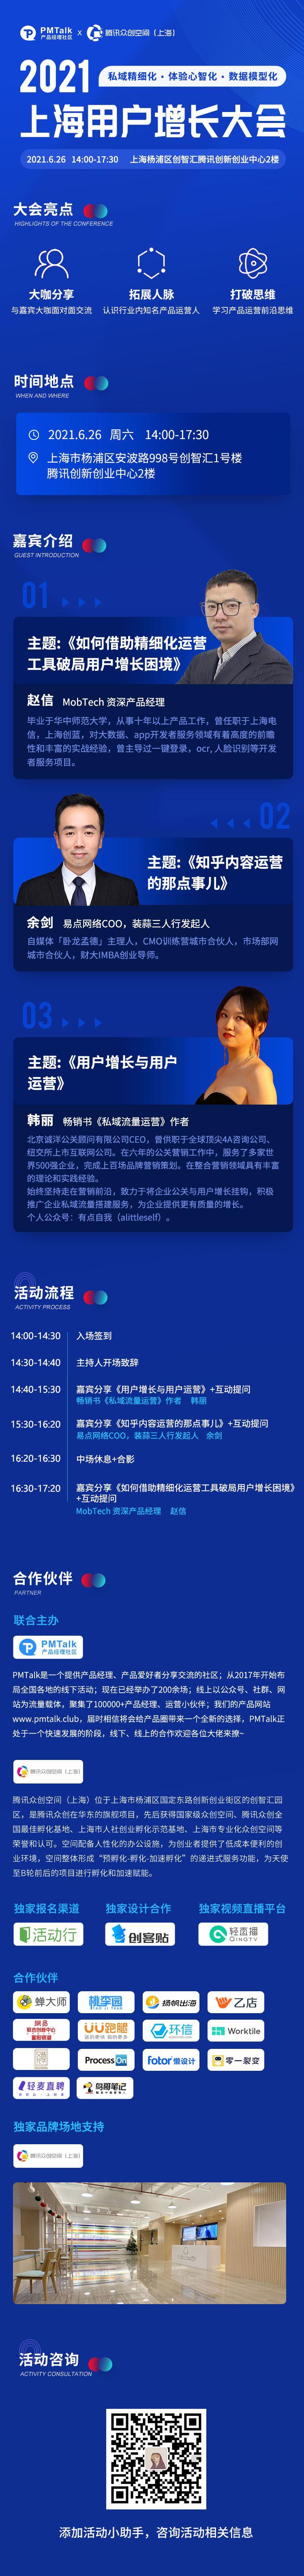 长图-上海-活动行.jpg